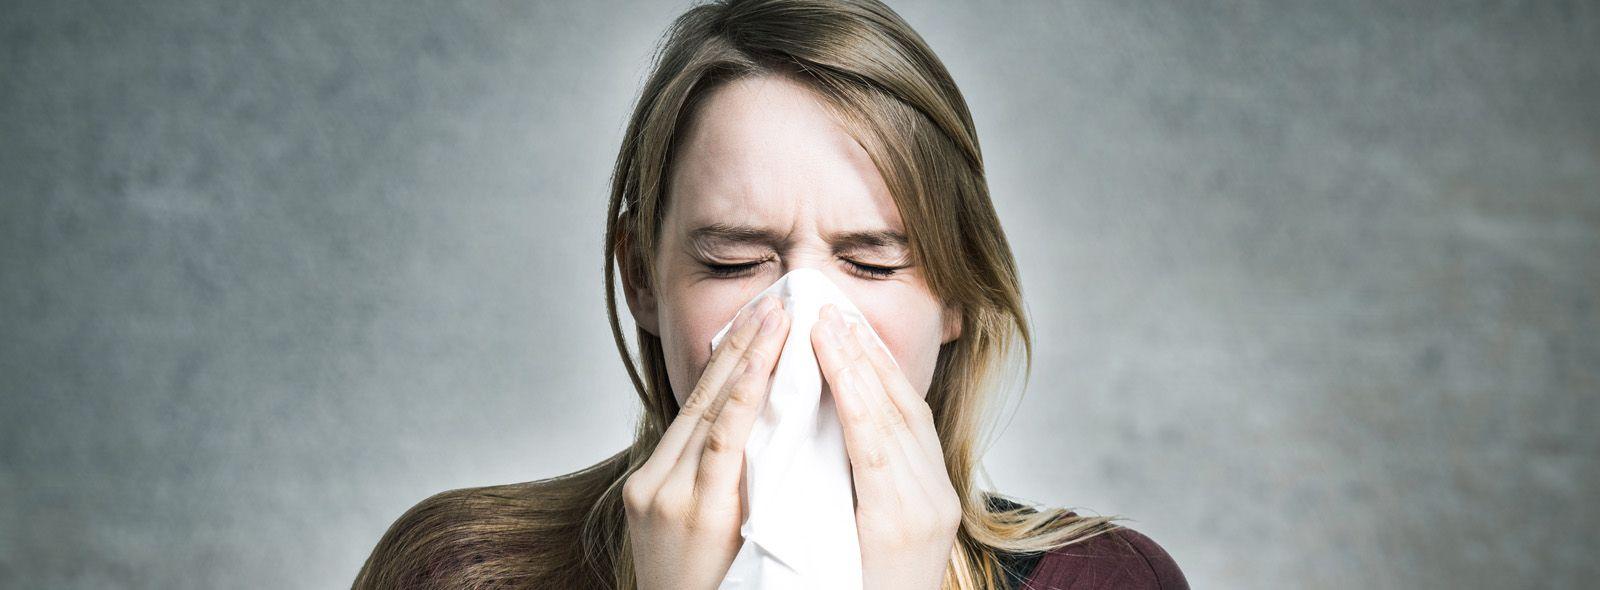 Le cause delle croste nel naso